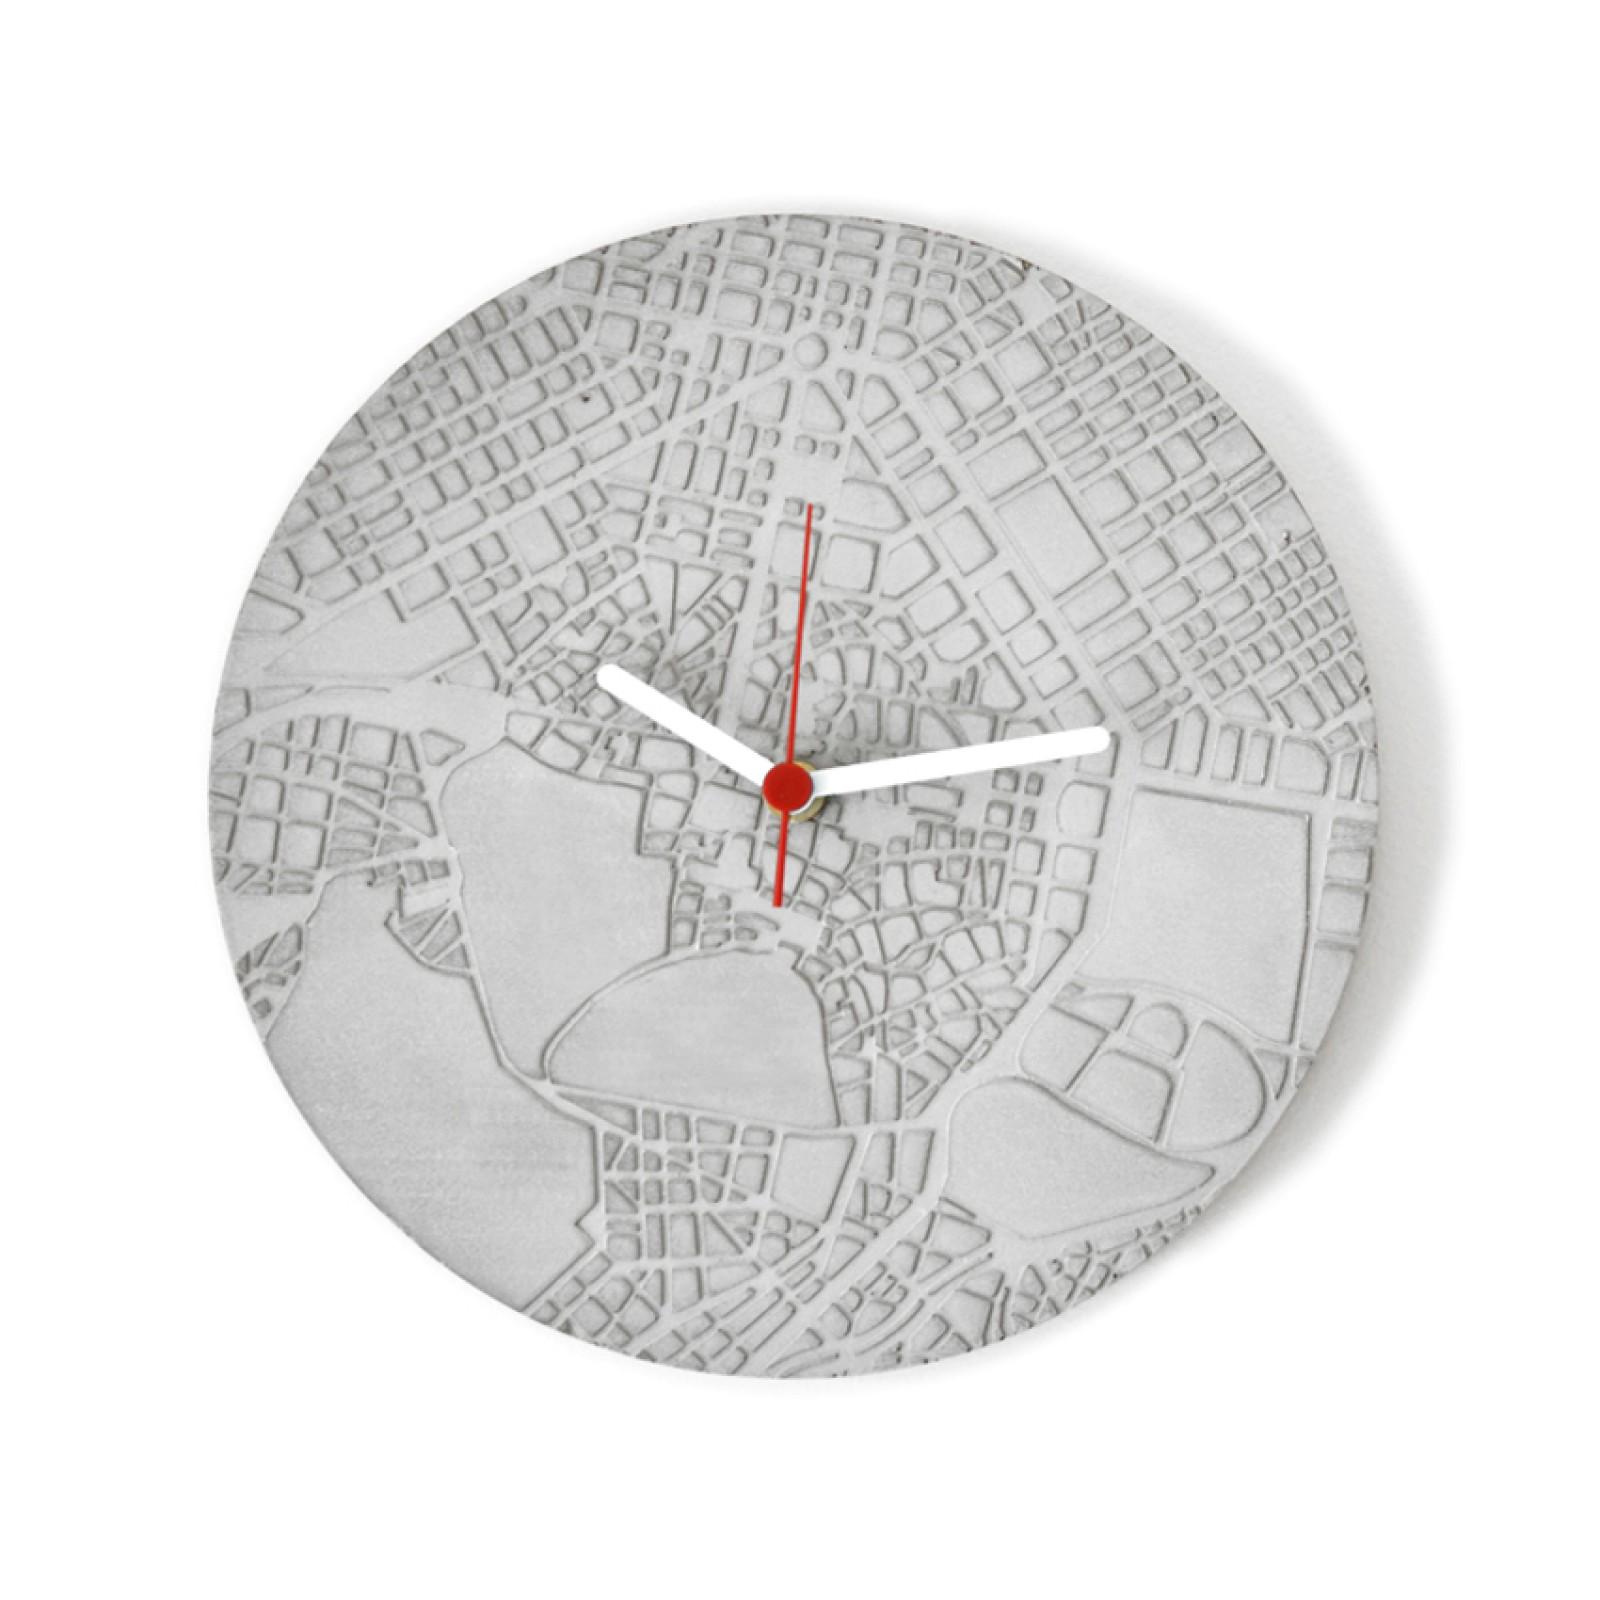 Ρολόι Τοίχου από Τσιμέντο Space & Time (Γκρι) - A Future Perfect